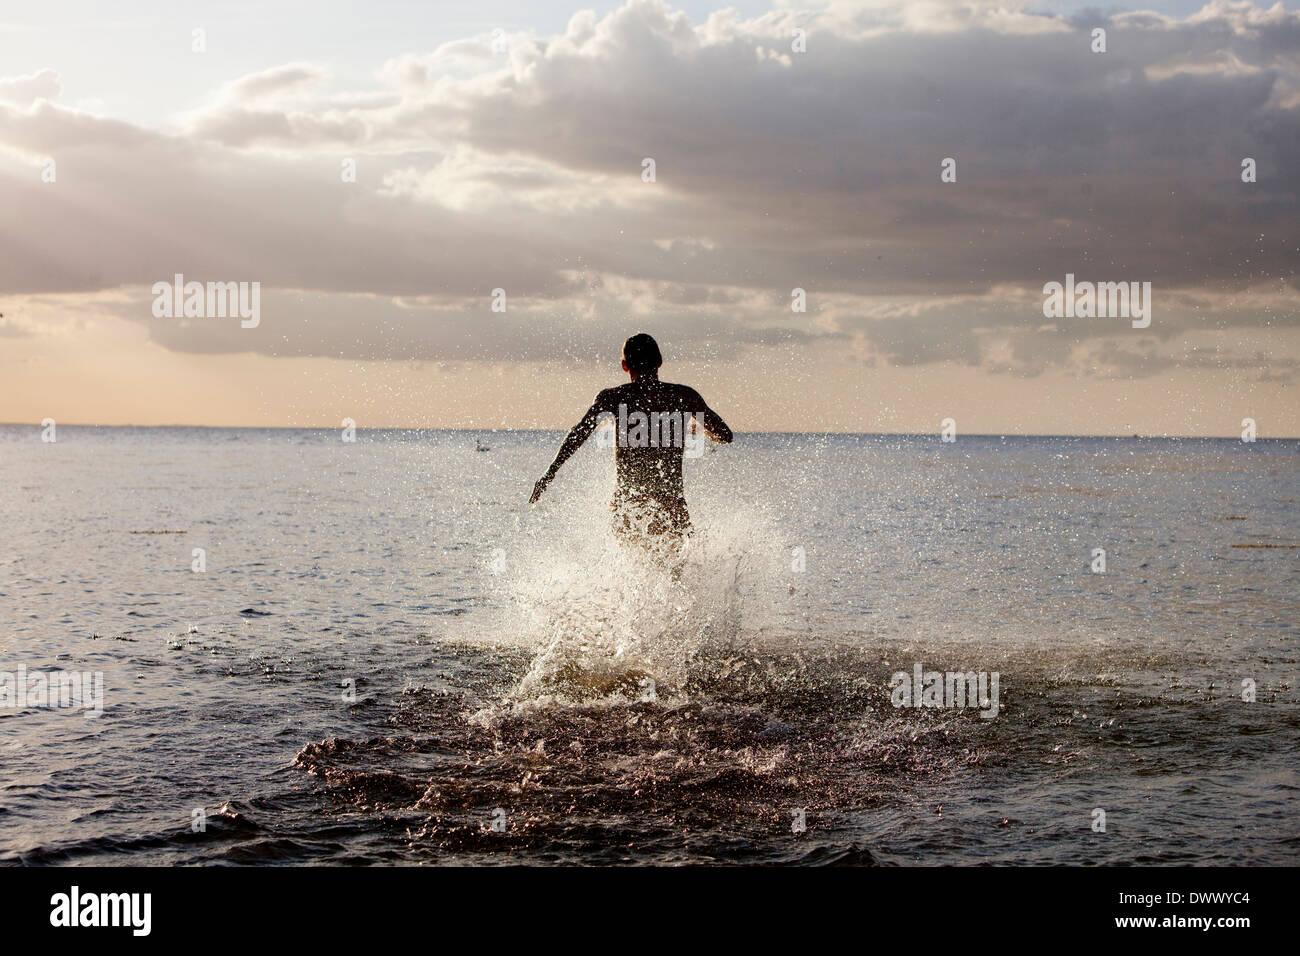 Vista posteriore dell'uomo in esecuzione in mare Immagini Stock